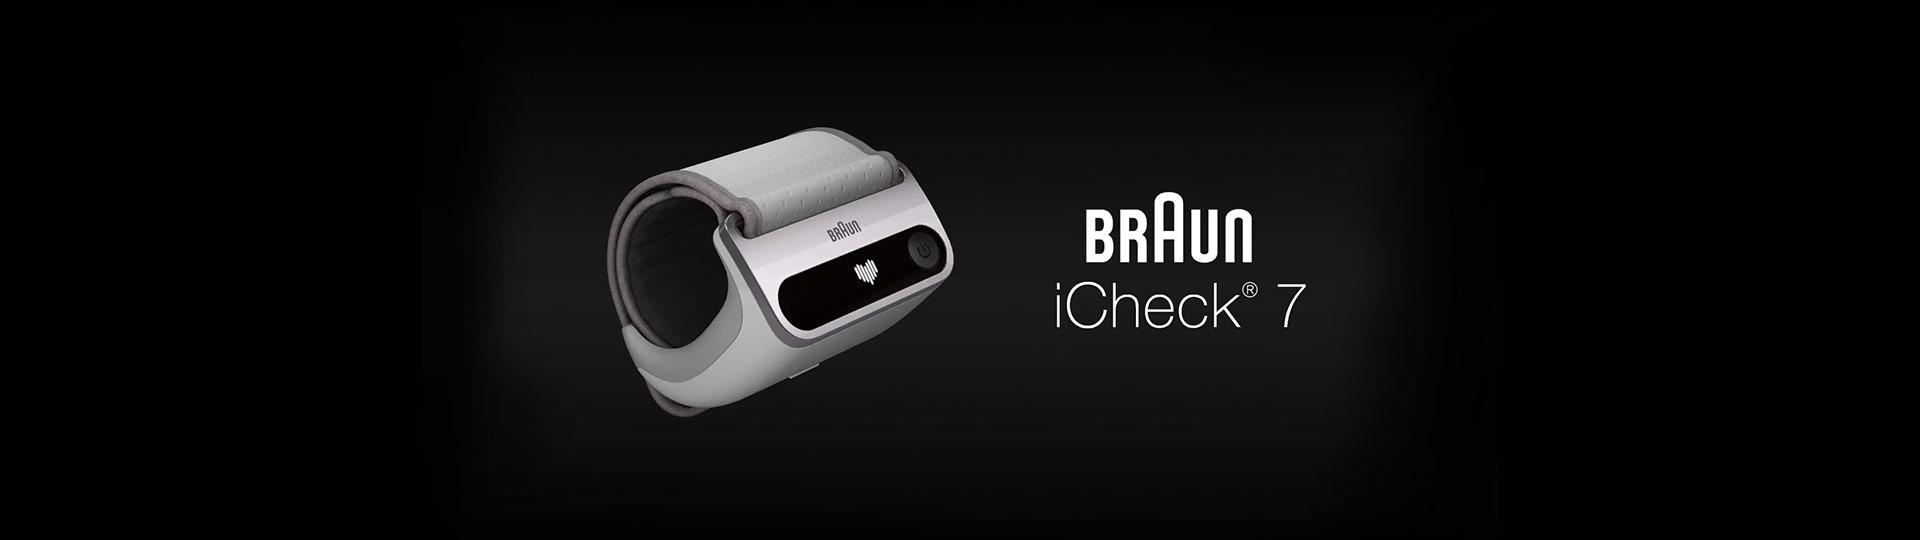 Braun iCheck® 7 - How to